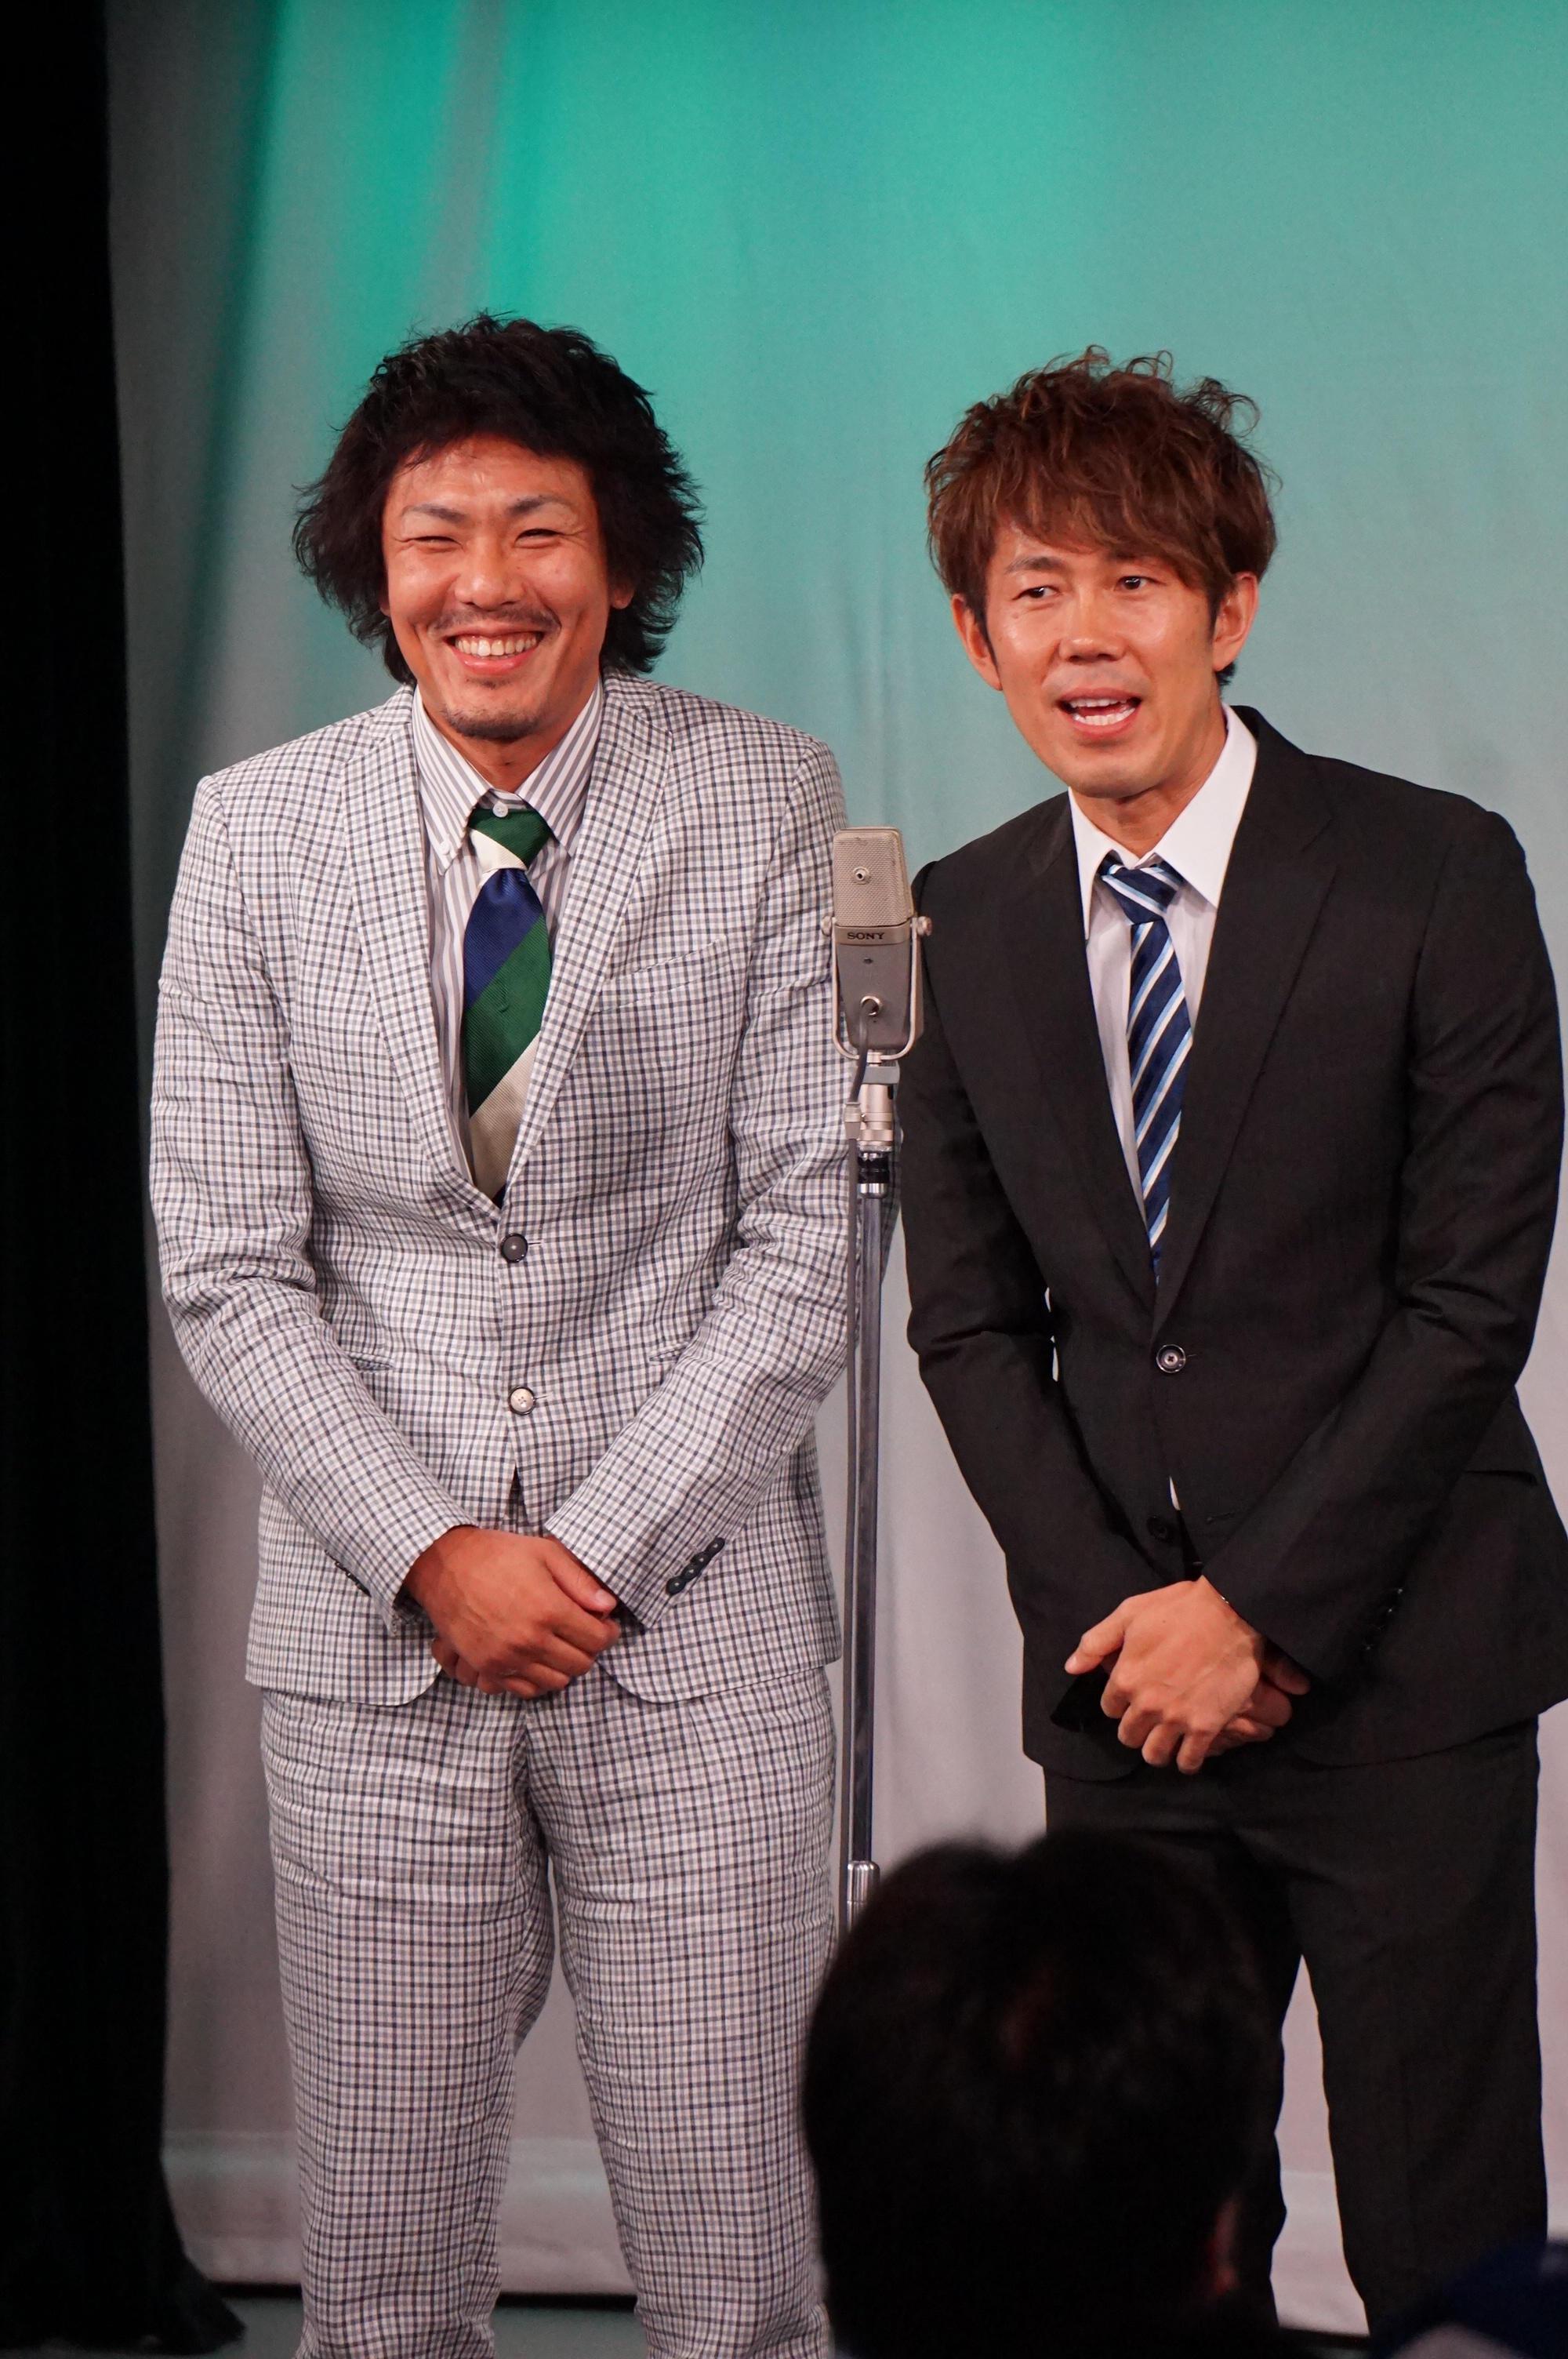 http://news.yoshimoto.co.jp/20160930202535-a48db6db8396be78ecca6781b8626b0dc0cc9779.jpg